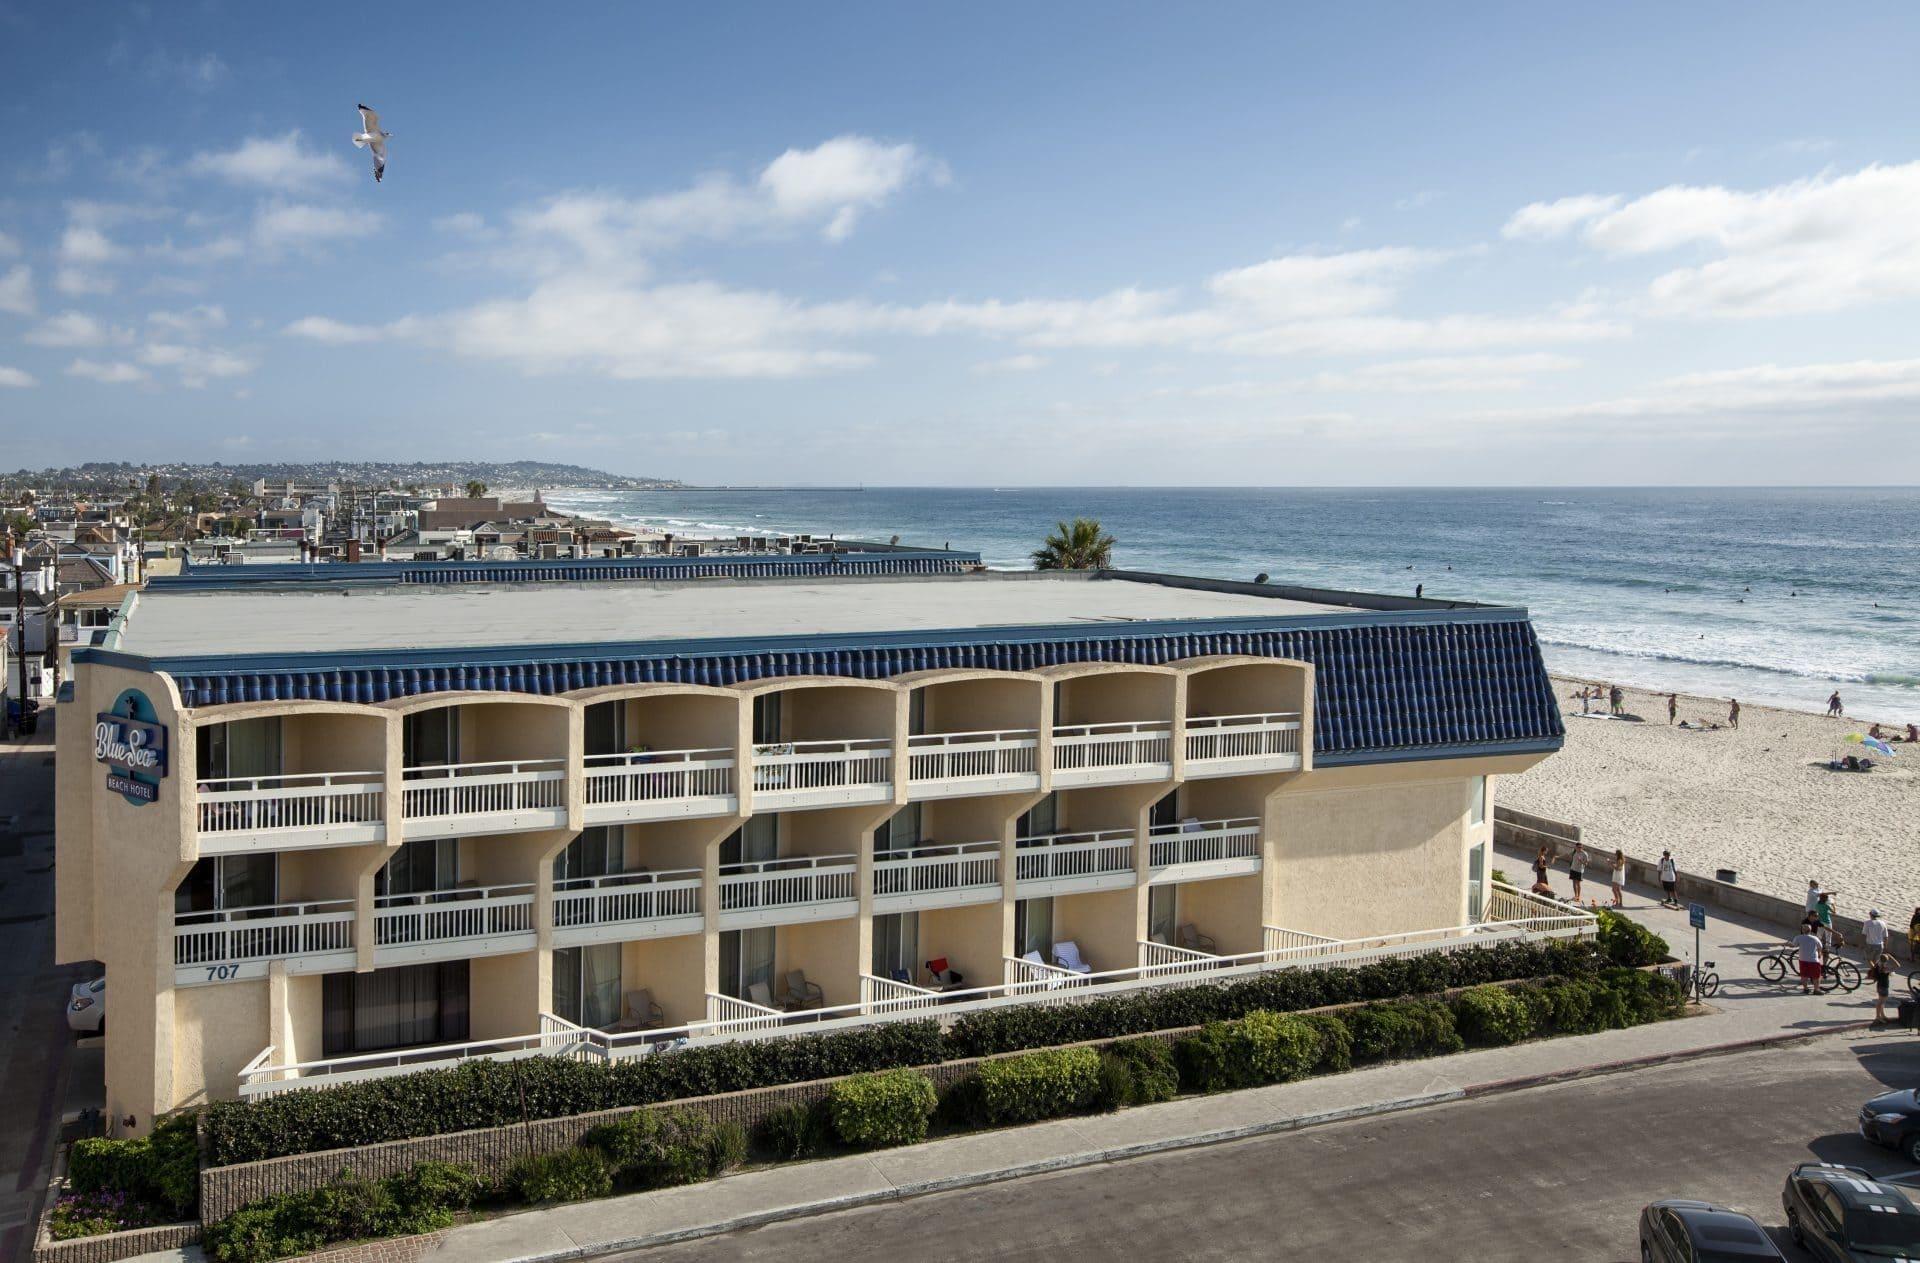 Beachfront San Diego Hotel